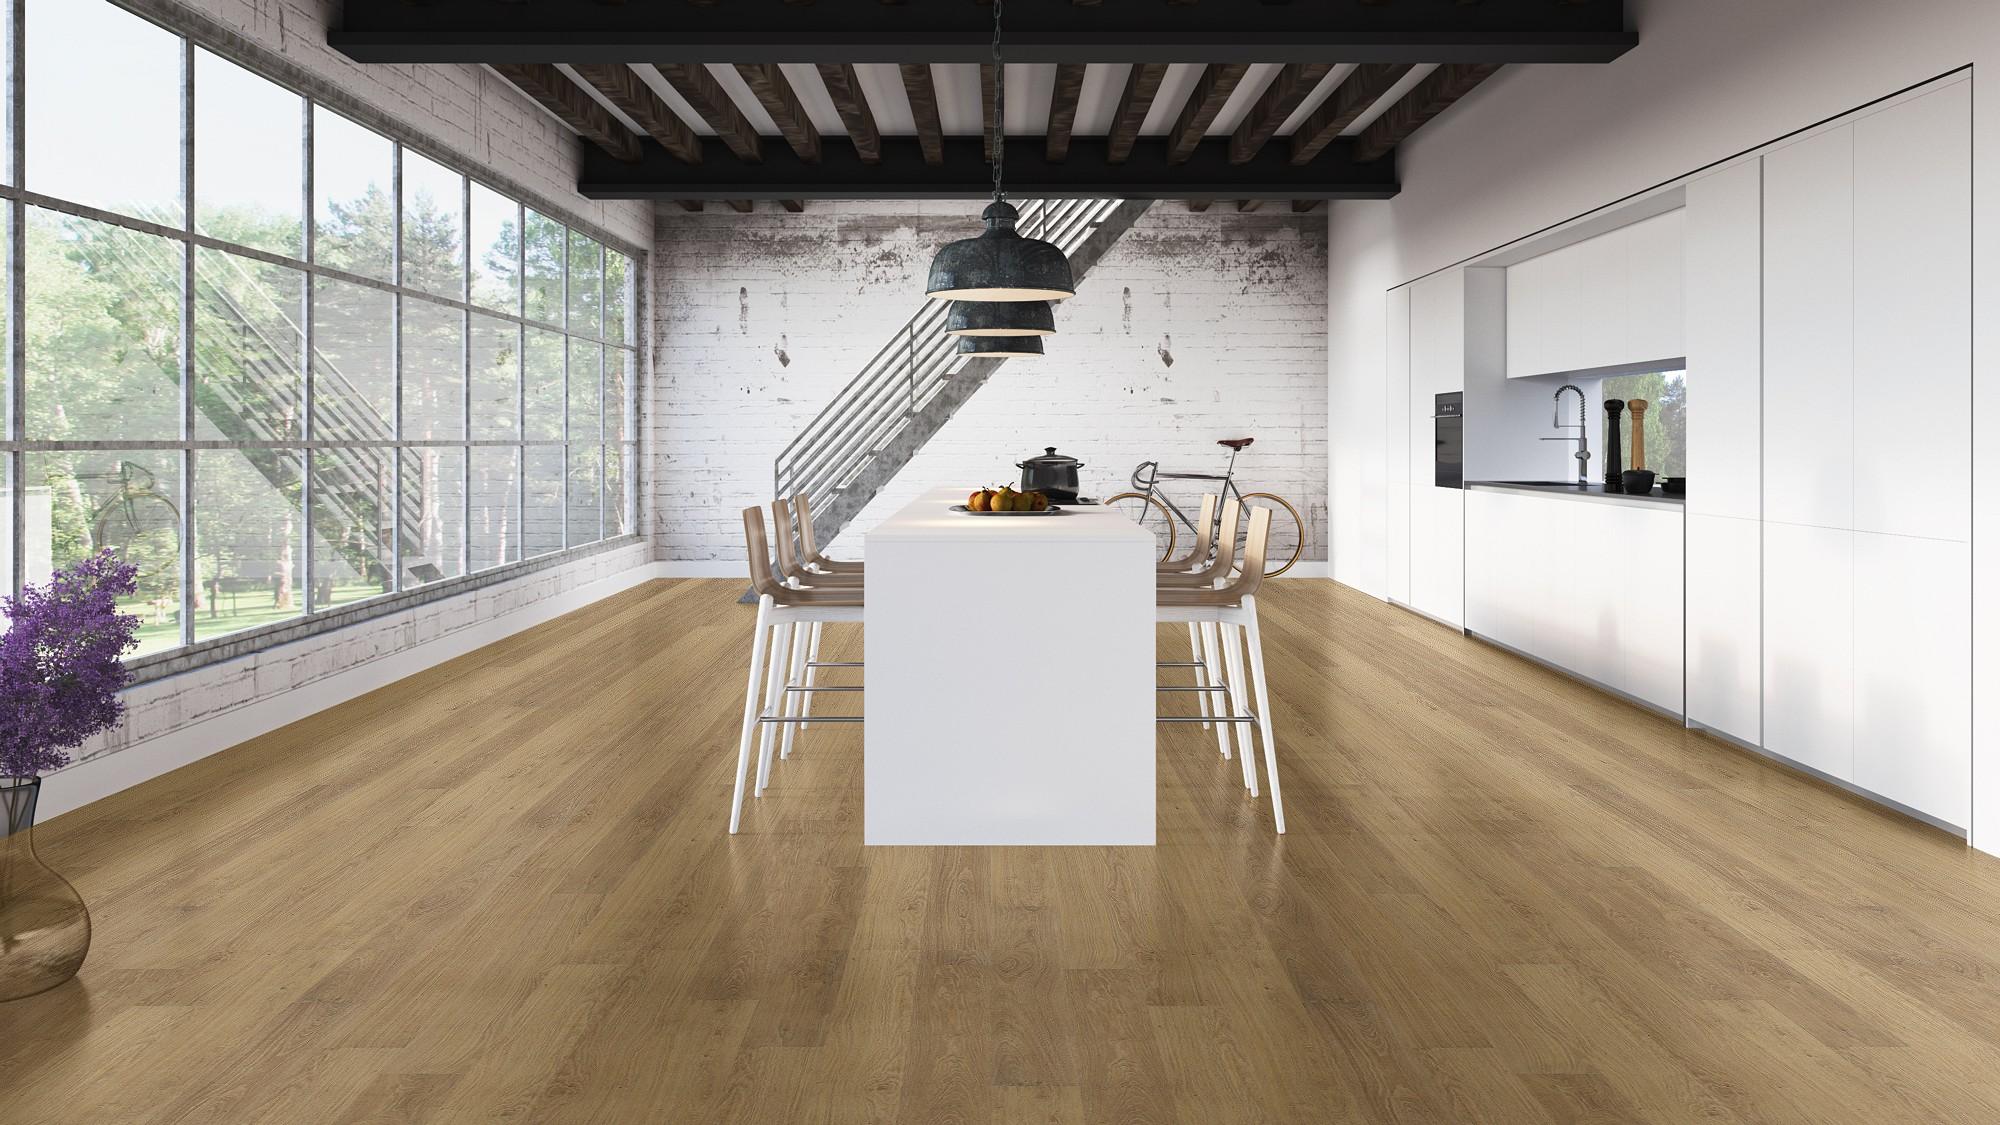 roble natural barnizado classic quickstep pavimentos arquiservi